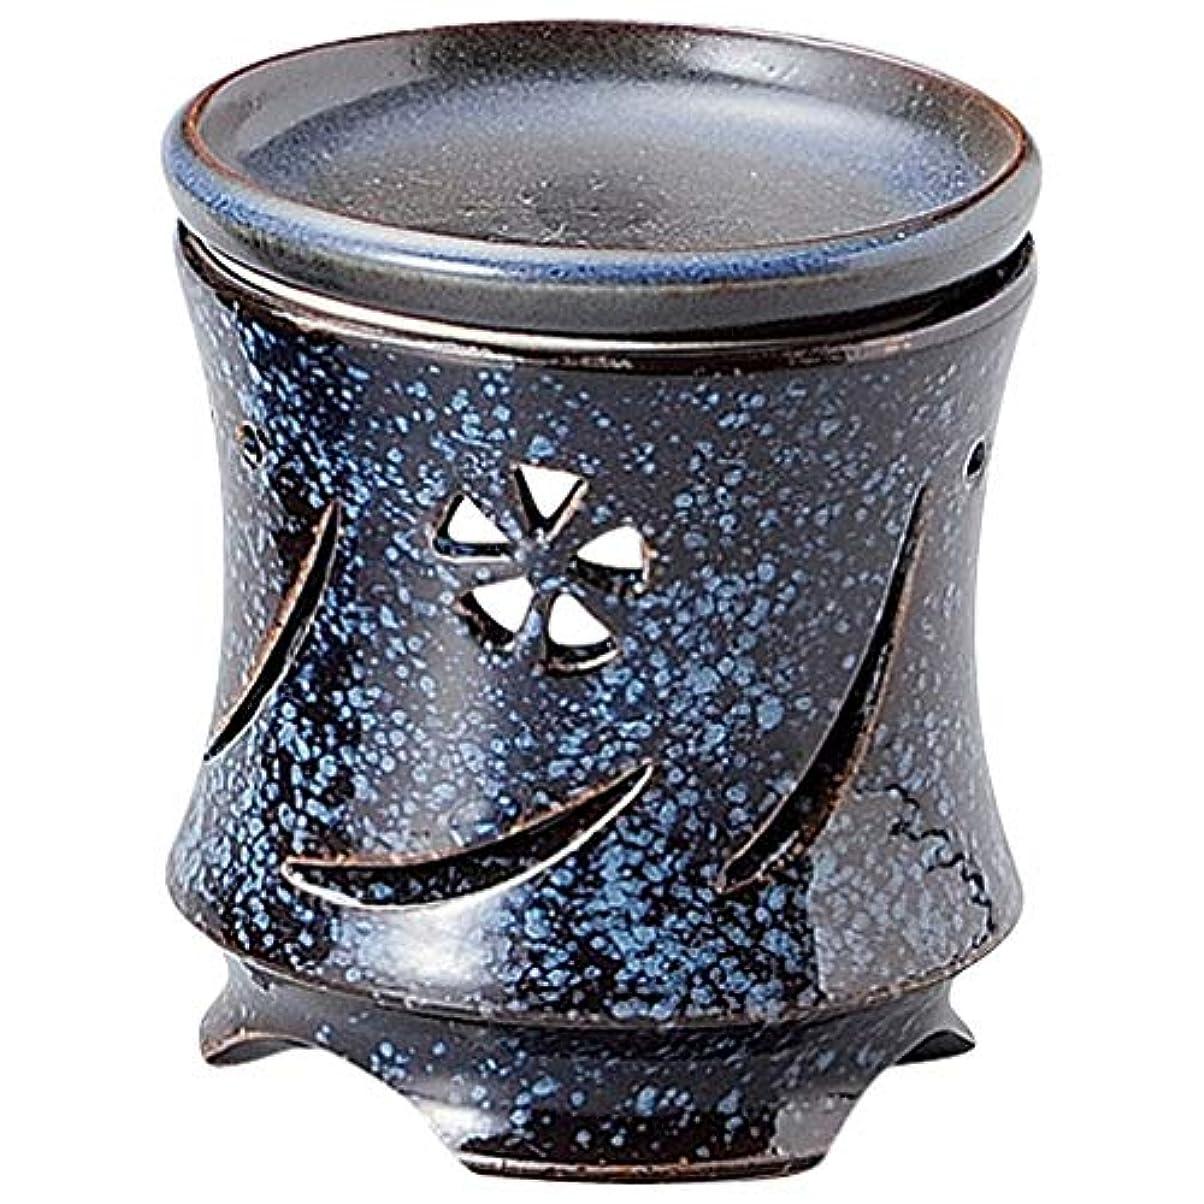 挽く支払い静かに常滑焼 G1702 茶香炉  径9.5×10.5cm